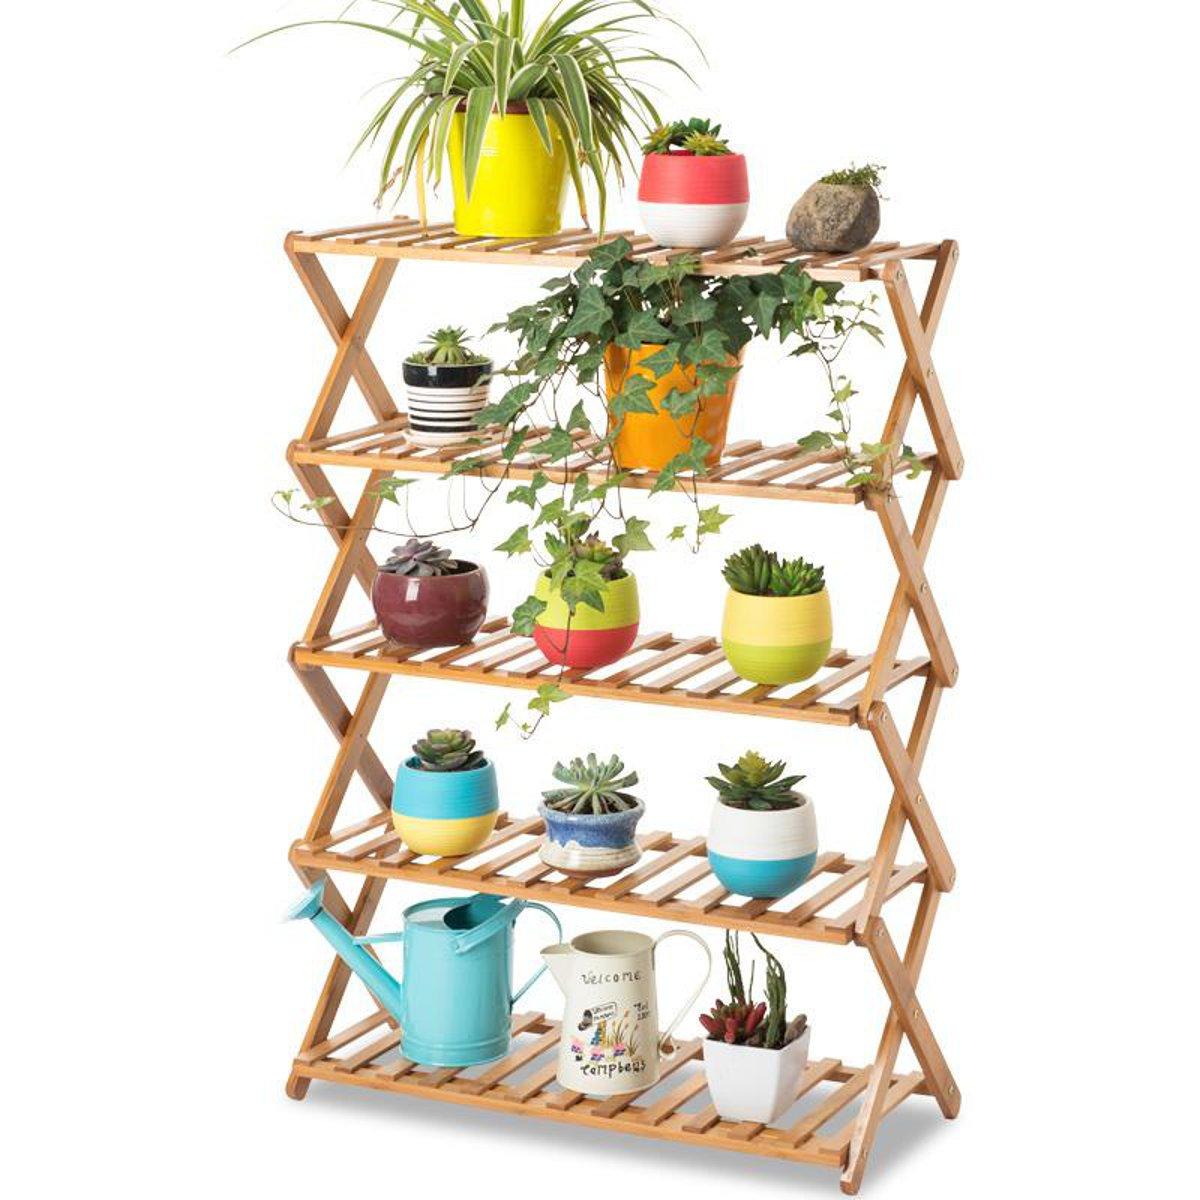 2/3/4/5 Niveau Pliable Fleur Pot Plante Stand Planter Présentoir Étagère Organisateur Jardin Balcon